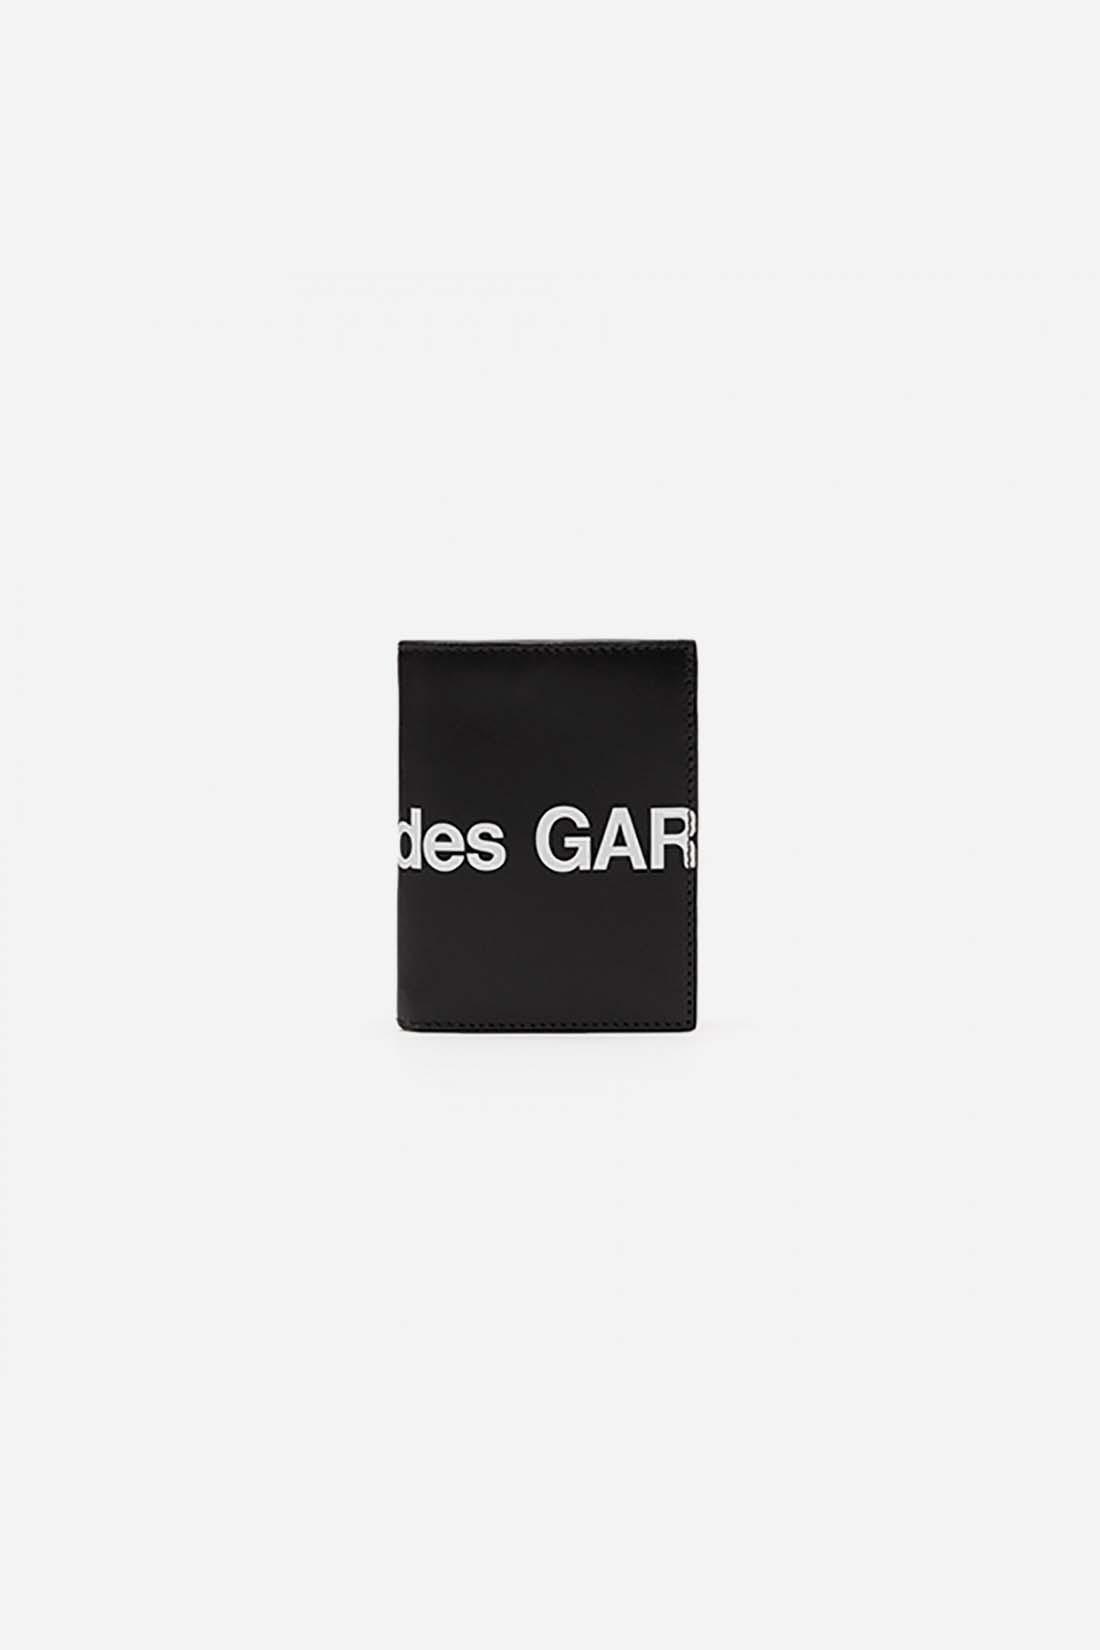 CDG WALLETS / Cdg huge logo wallet sa0641hl Black